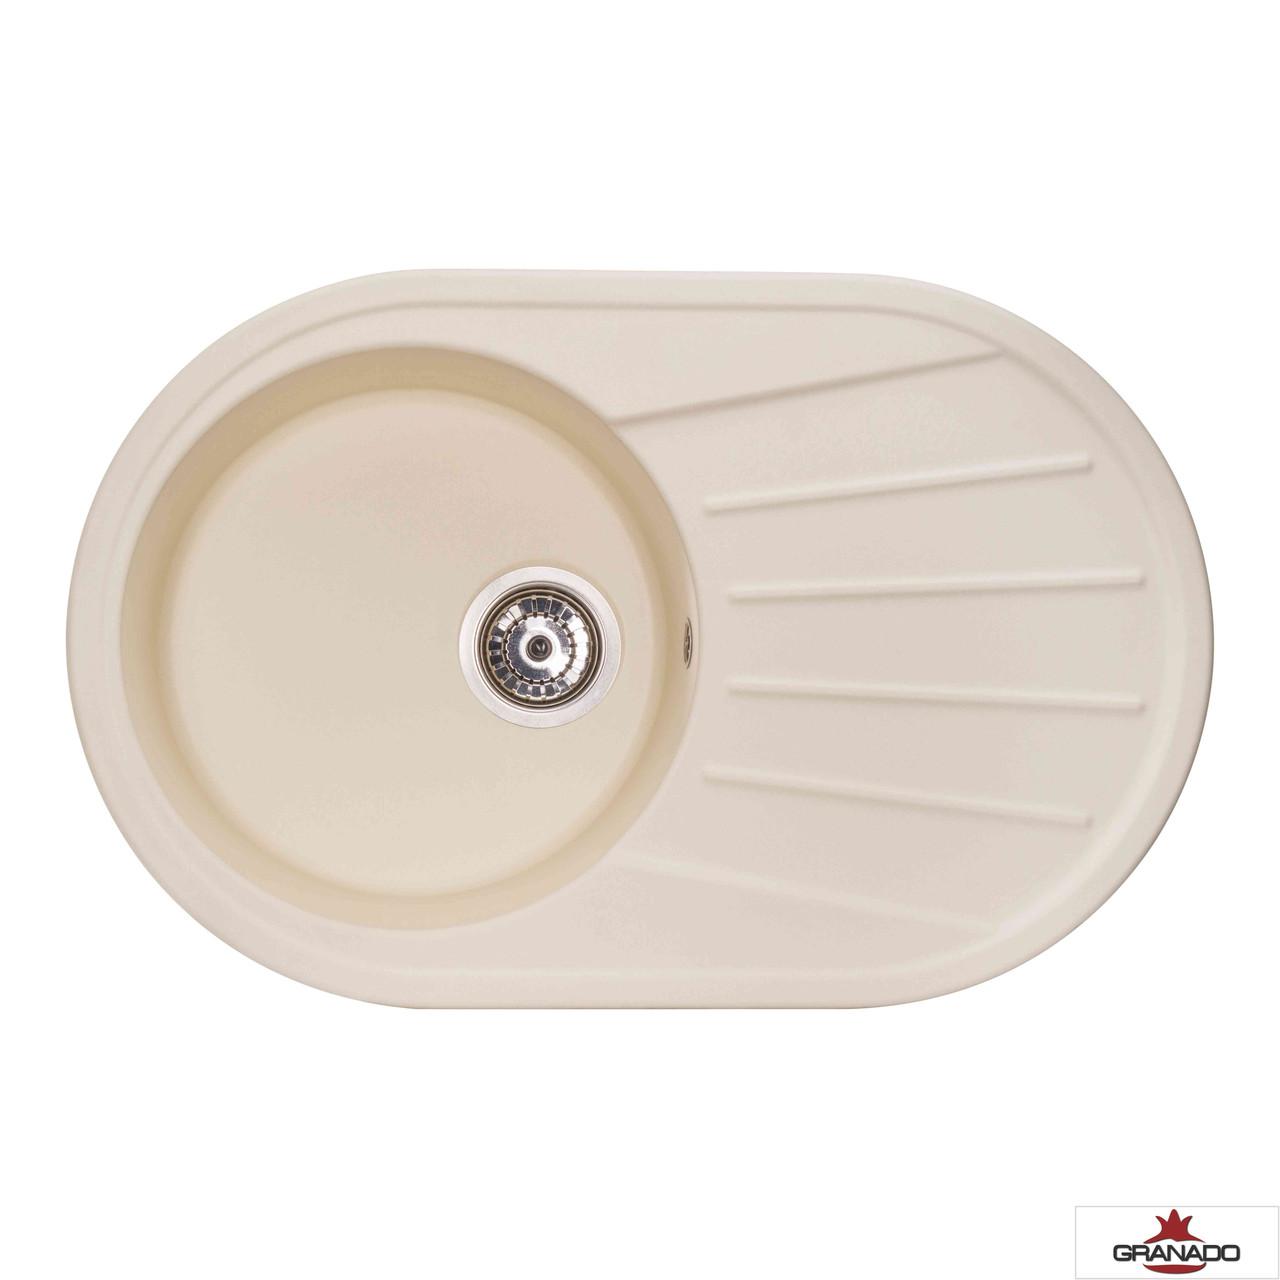 Кухонная мойка c одной чашей и крылом Murcia овальной формы цвет Ivory из гранита от производителя Granado